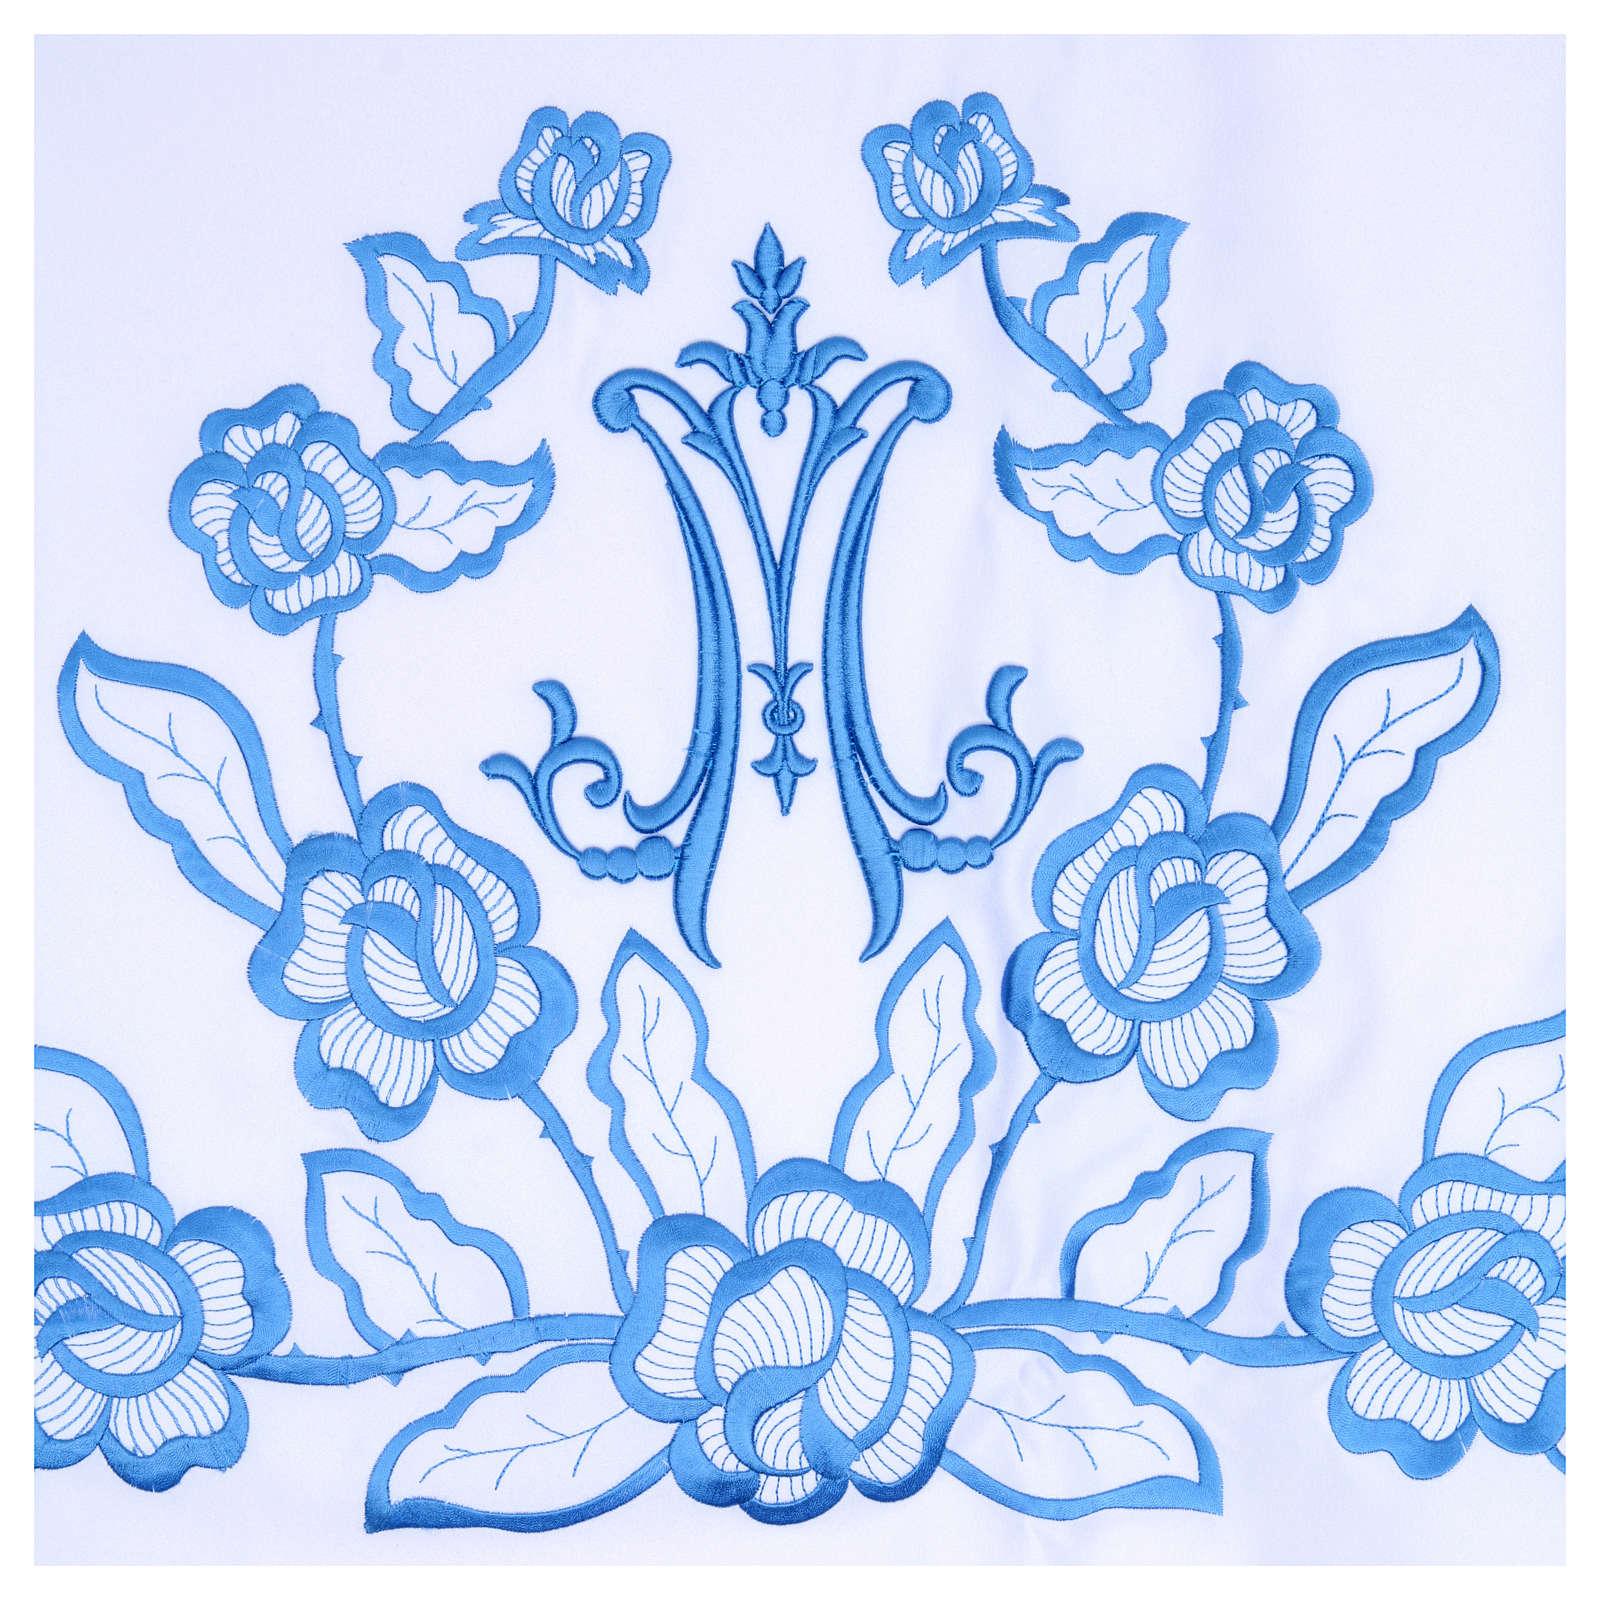 Altartuch 165x300cm blaue Dekorationen und Mariensymbol 4